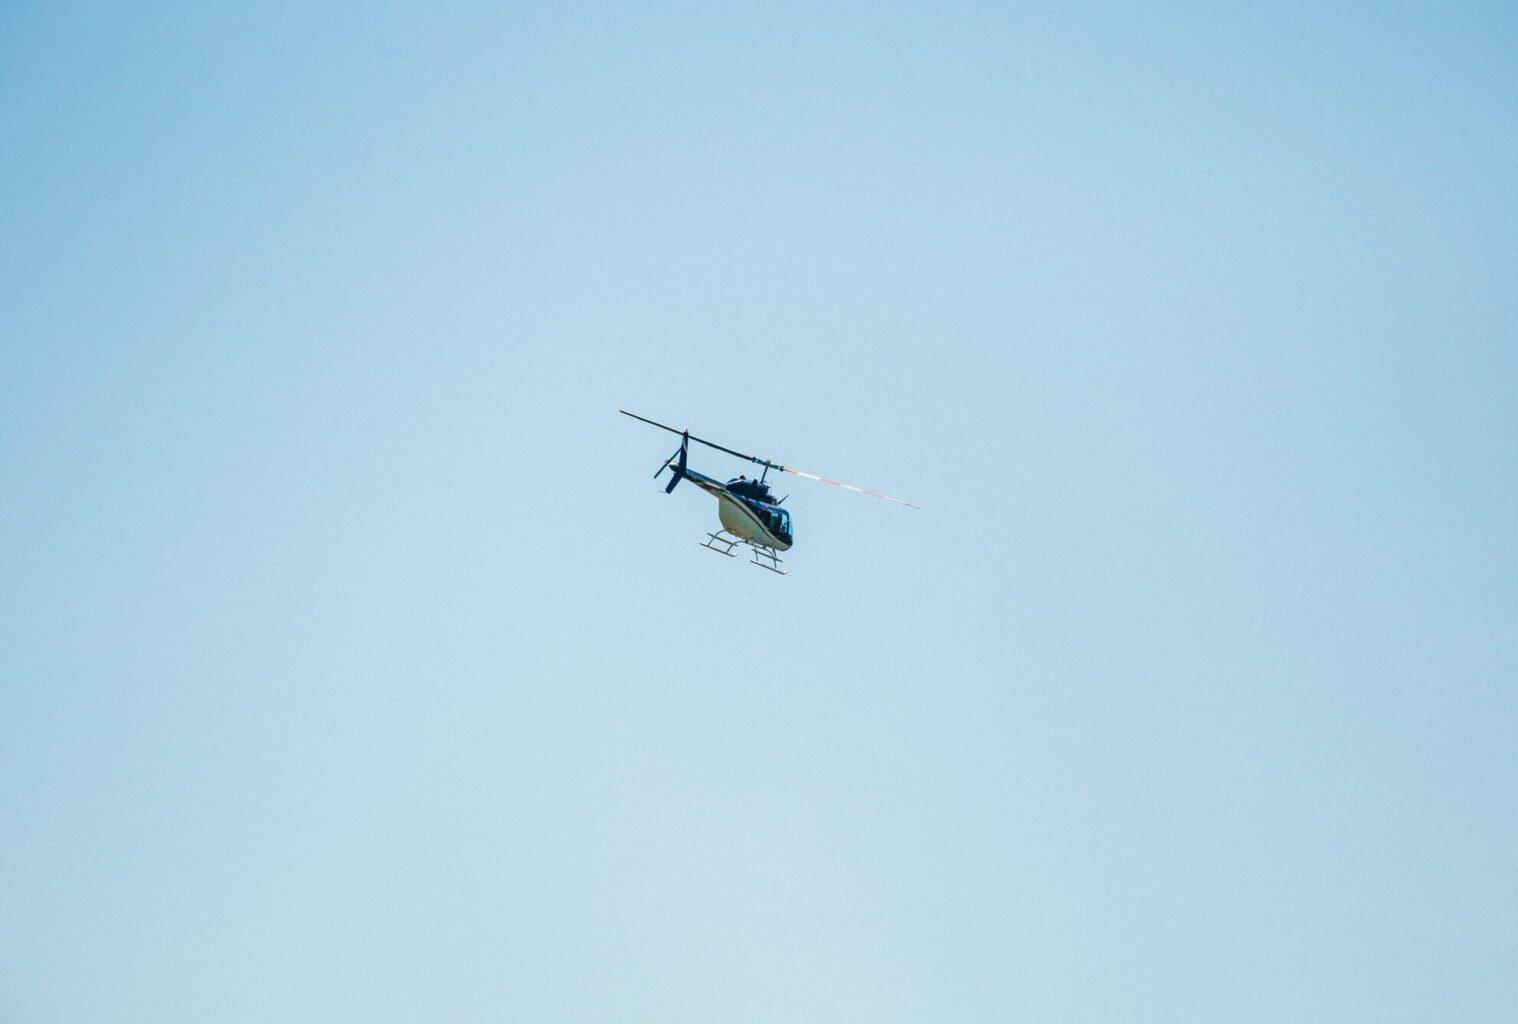 Helicóptero da Helisul | Passeio de helicóptero em Foz do Iguaçu